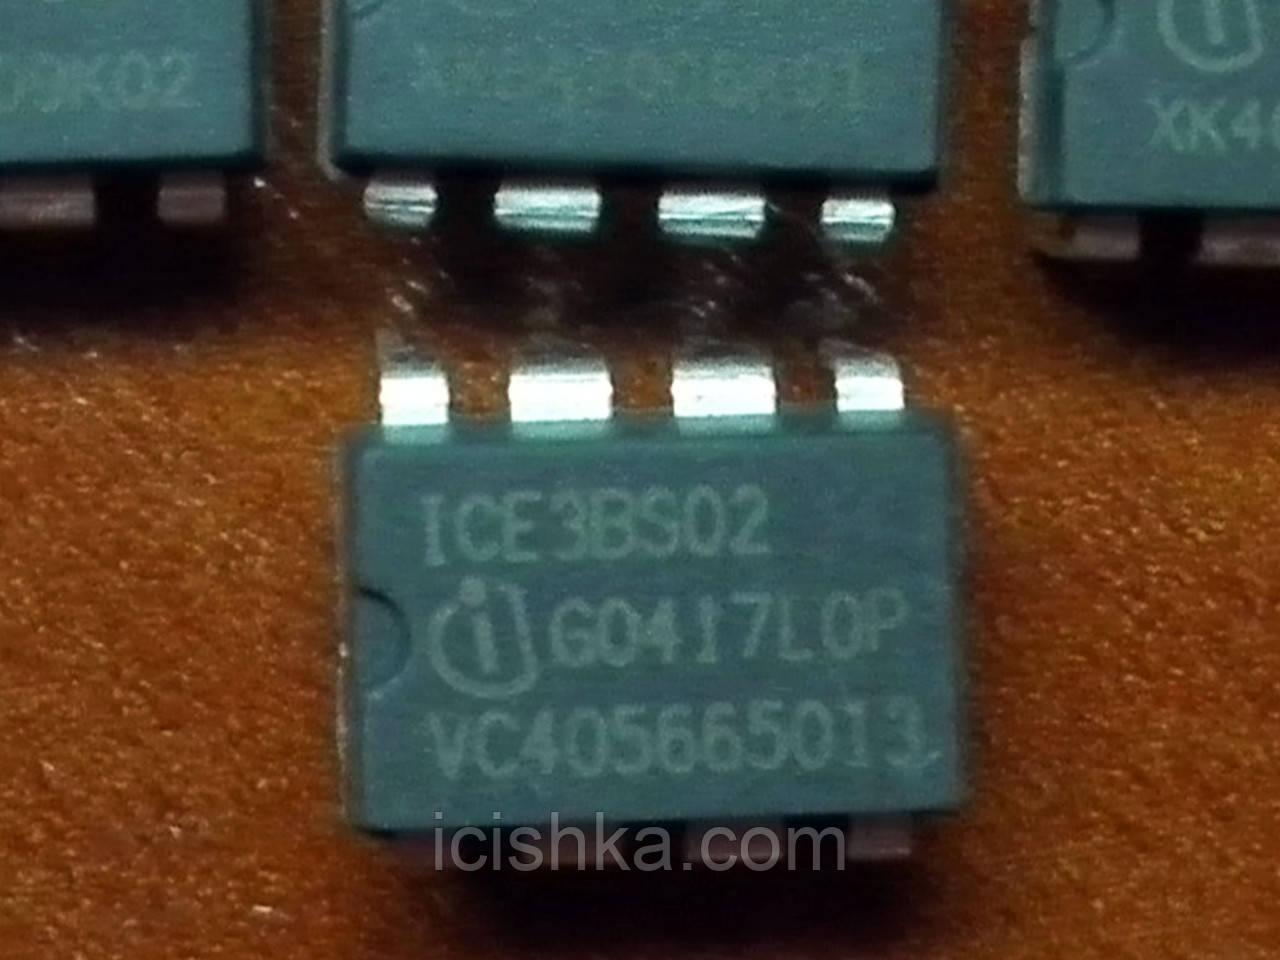 ICE3BS02 DIP8 - высоковольтный ШИМ контроллер ИБП